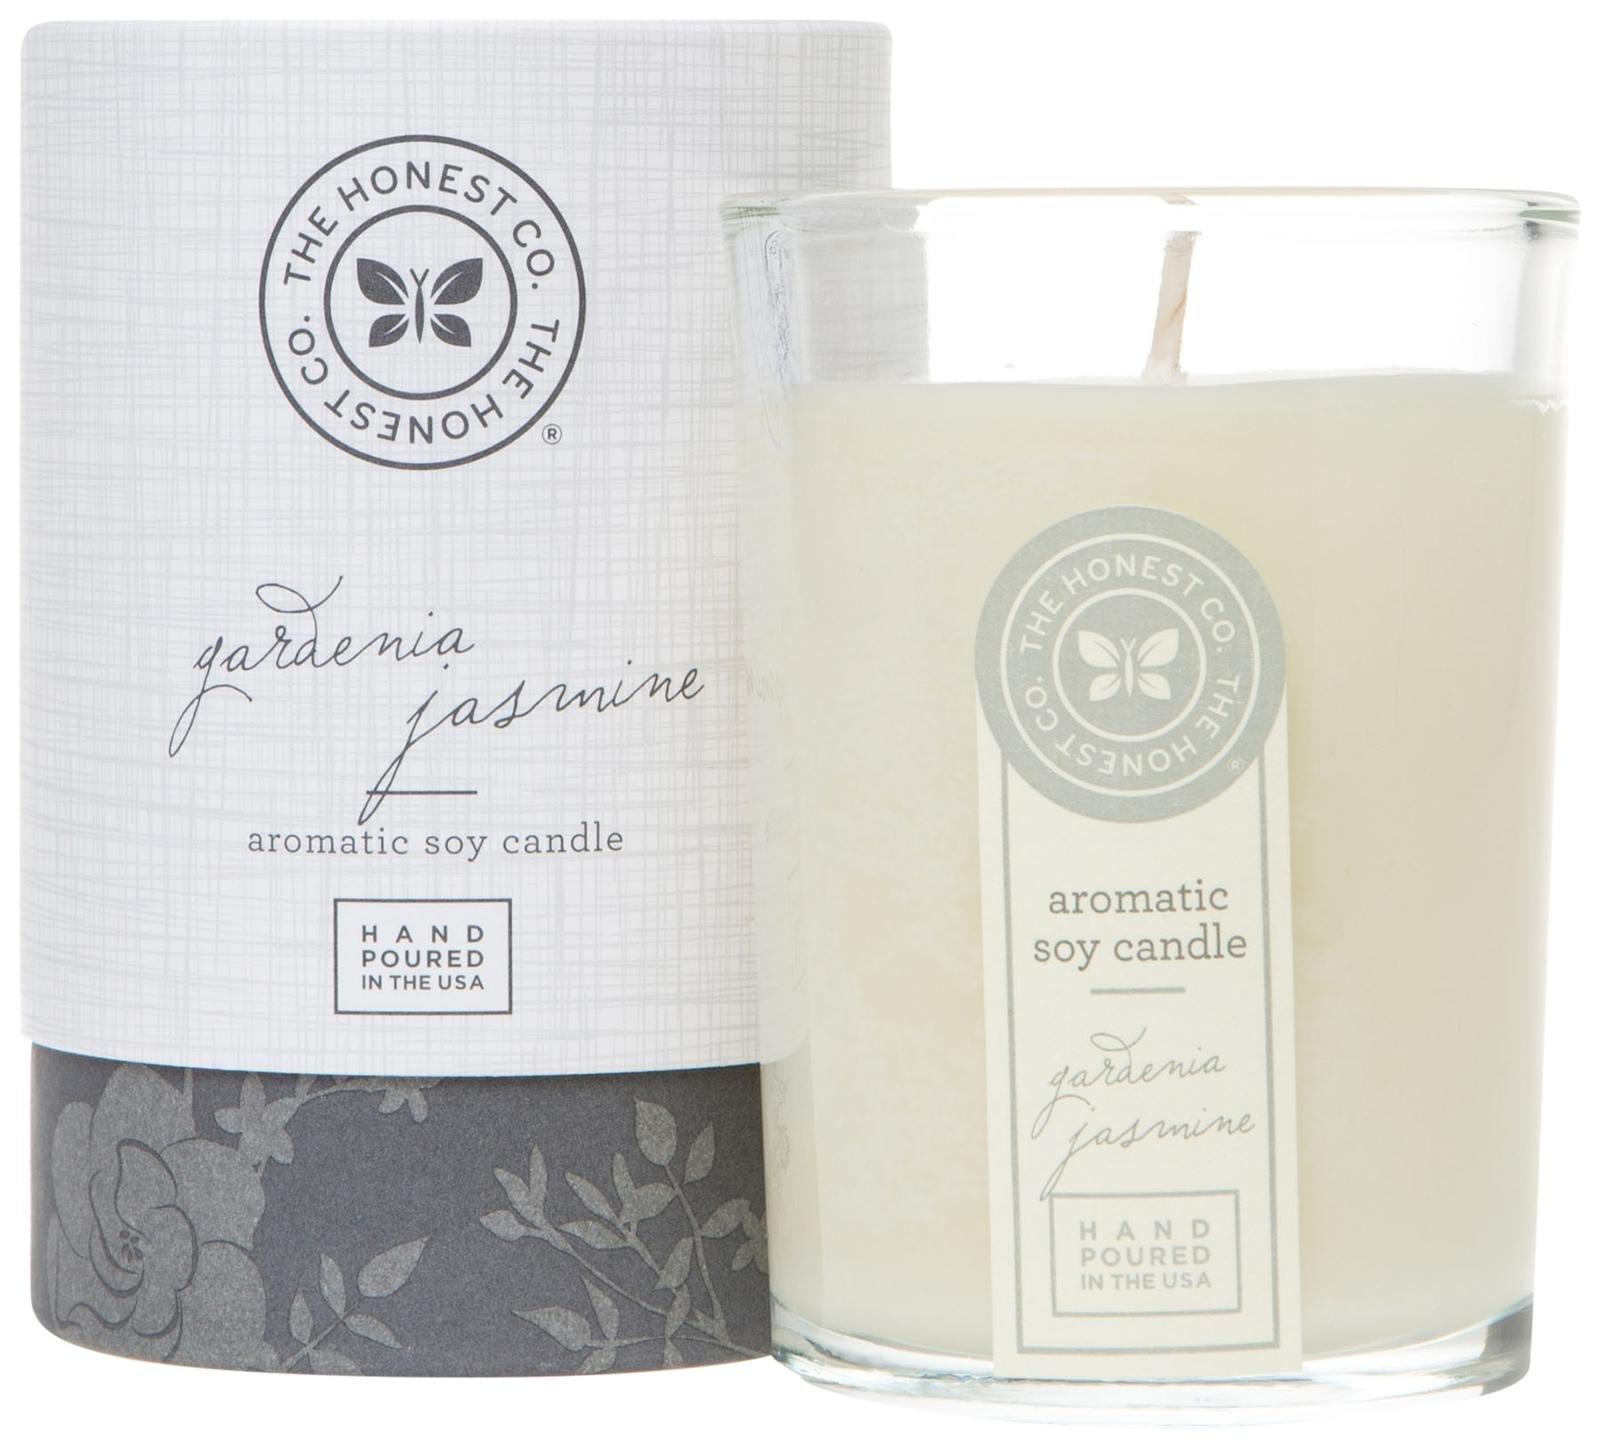 Honest Aromatic Soy Candle, Gardenia Jasmine, 8 Ounce